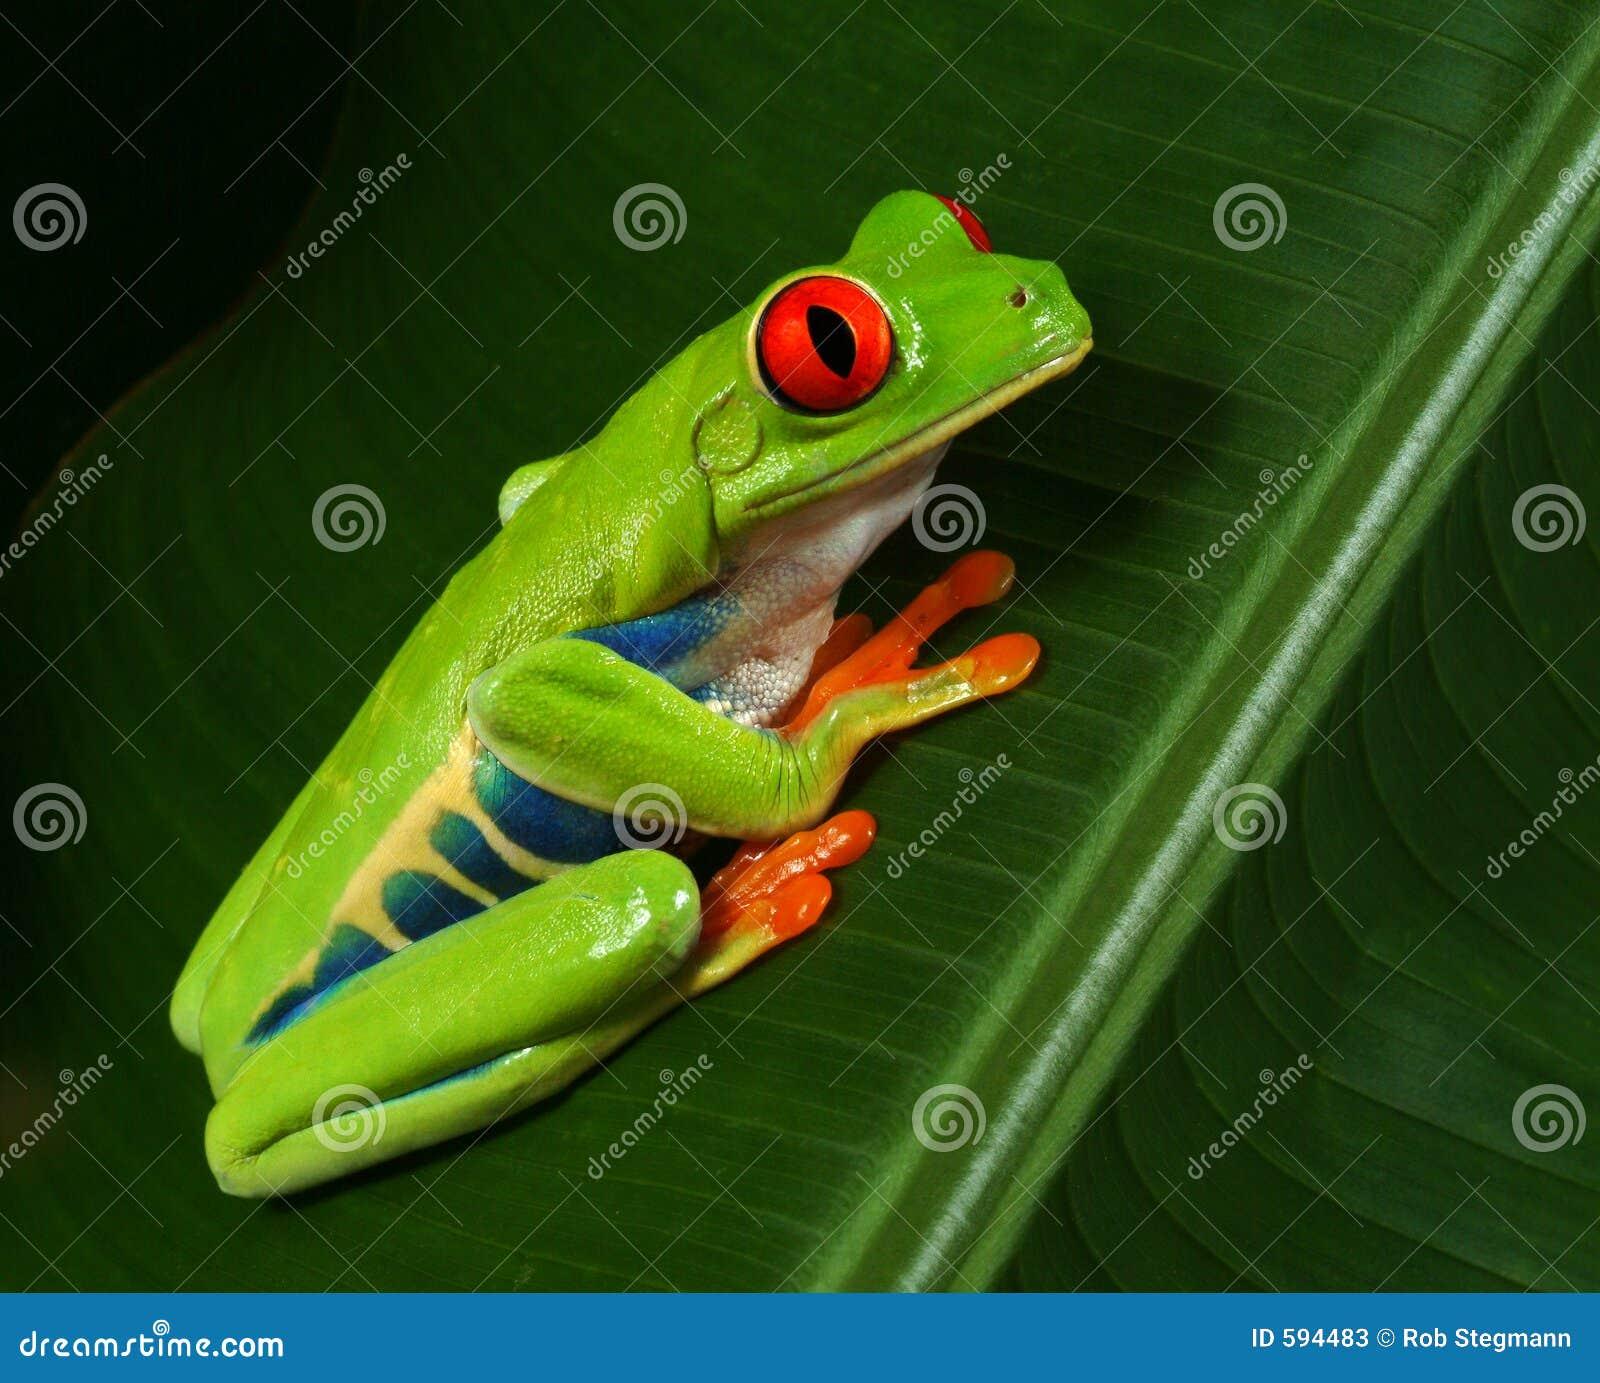 眼睛青蛙配置文件红色结构树